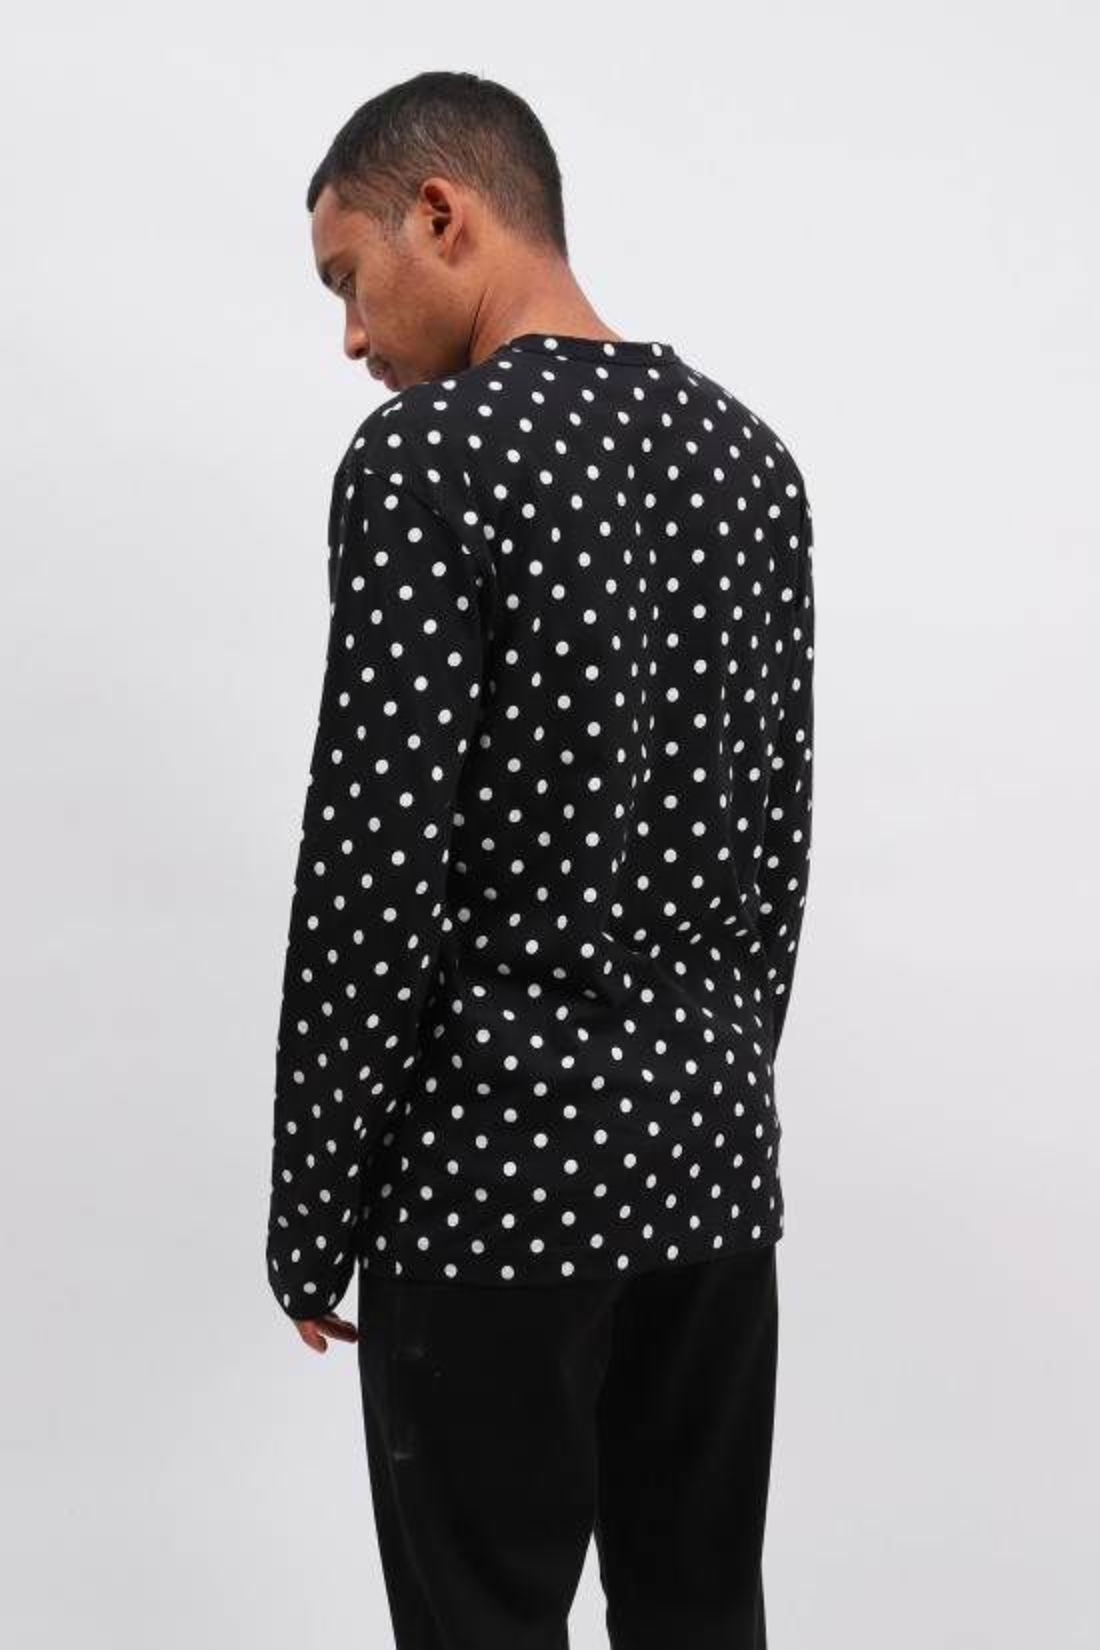 COMME DES GARÇONS PLAY / Play polka dot t-shirt Black white